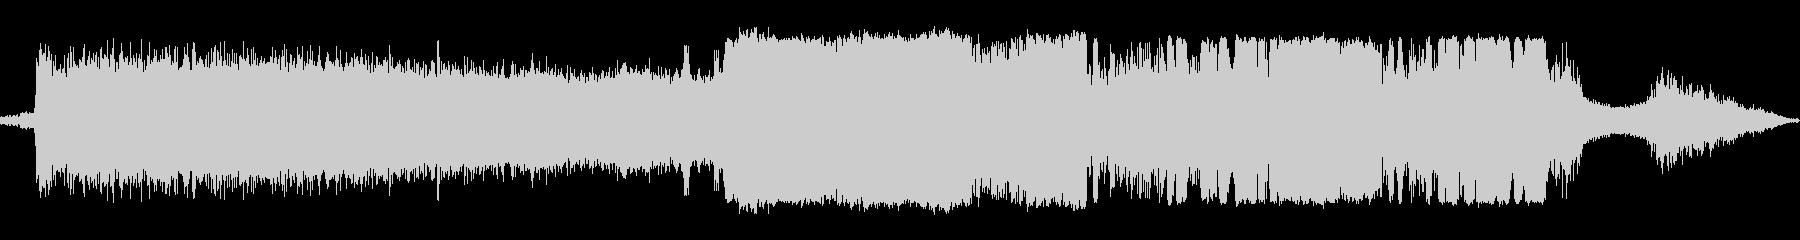 マシンベルトサンダーエアー各種速度の未再生の波形